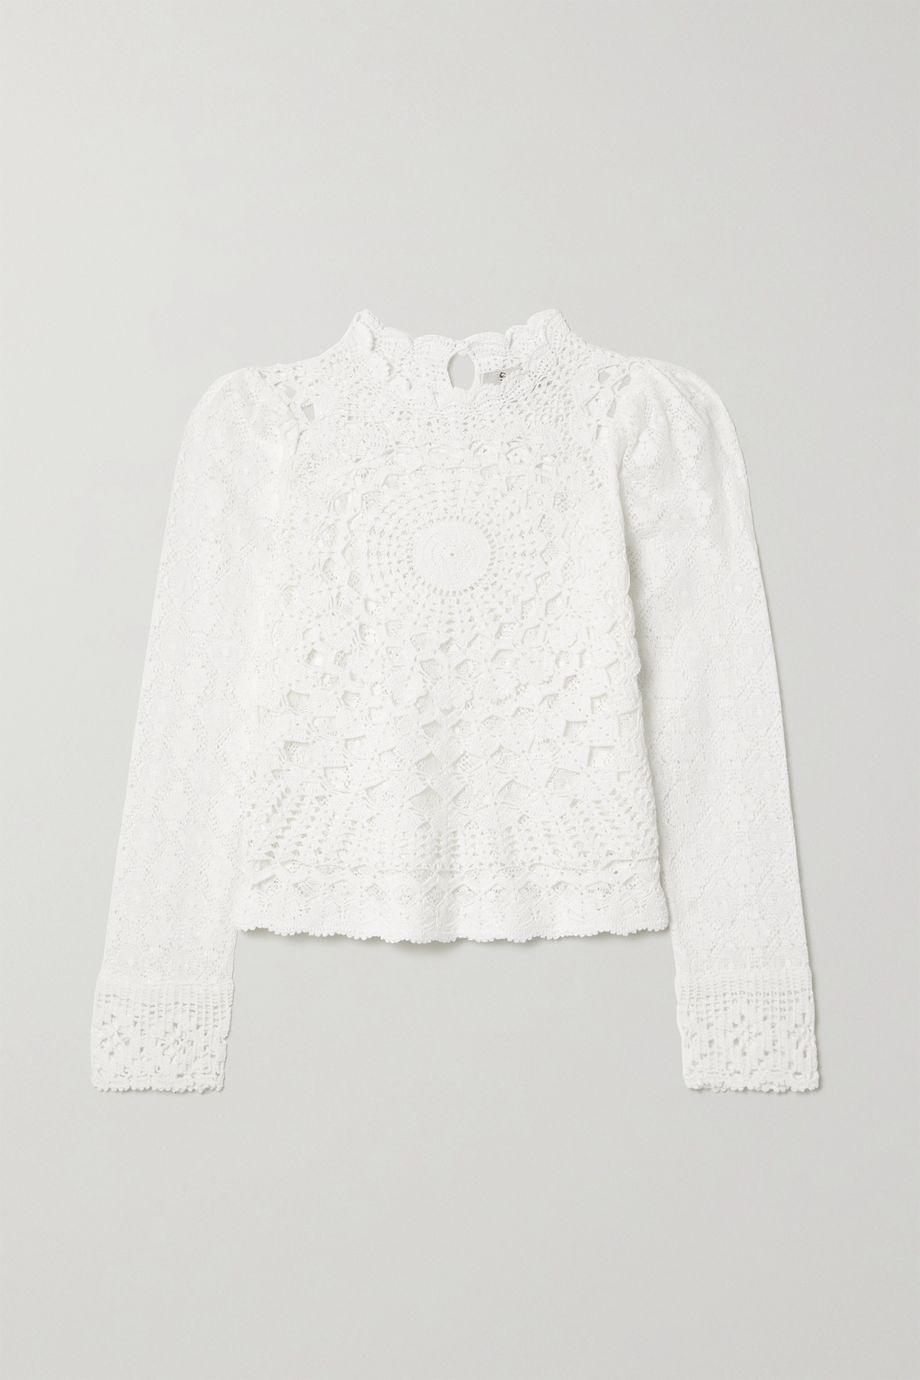 Sea Venice crocheted cotton top